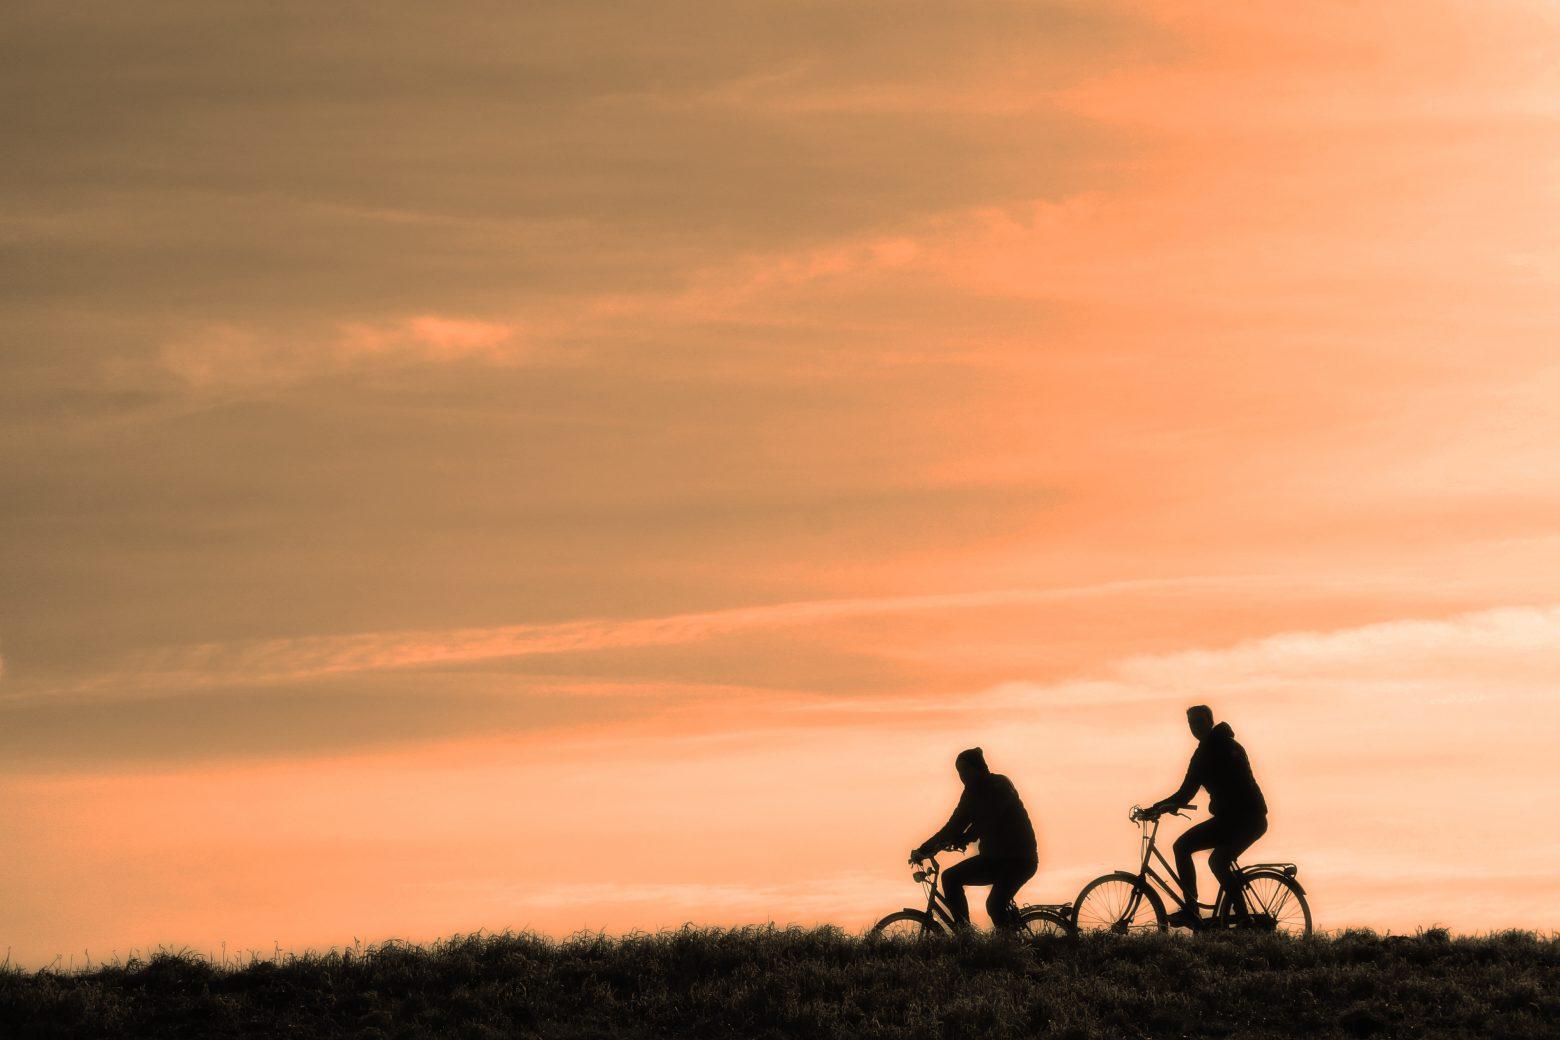 cyclist-3202481